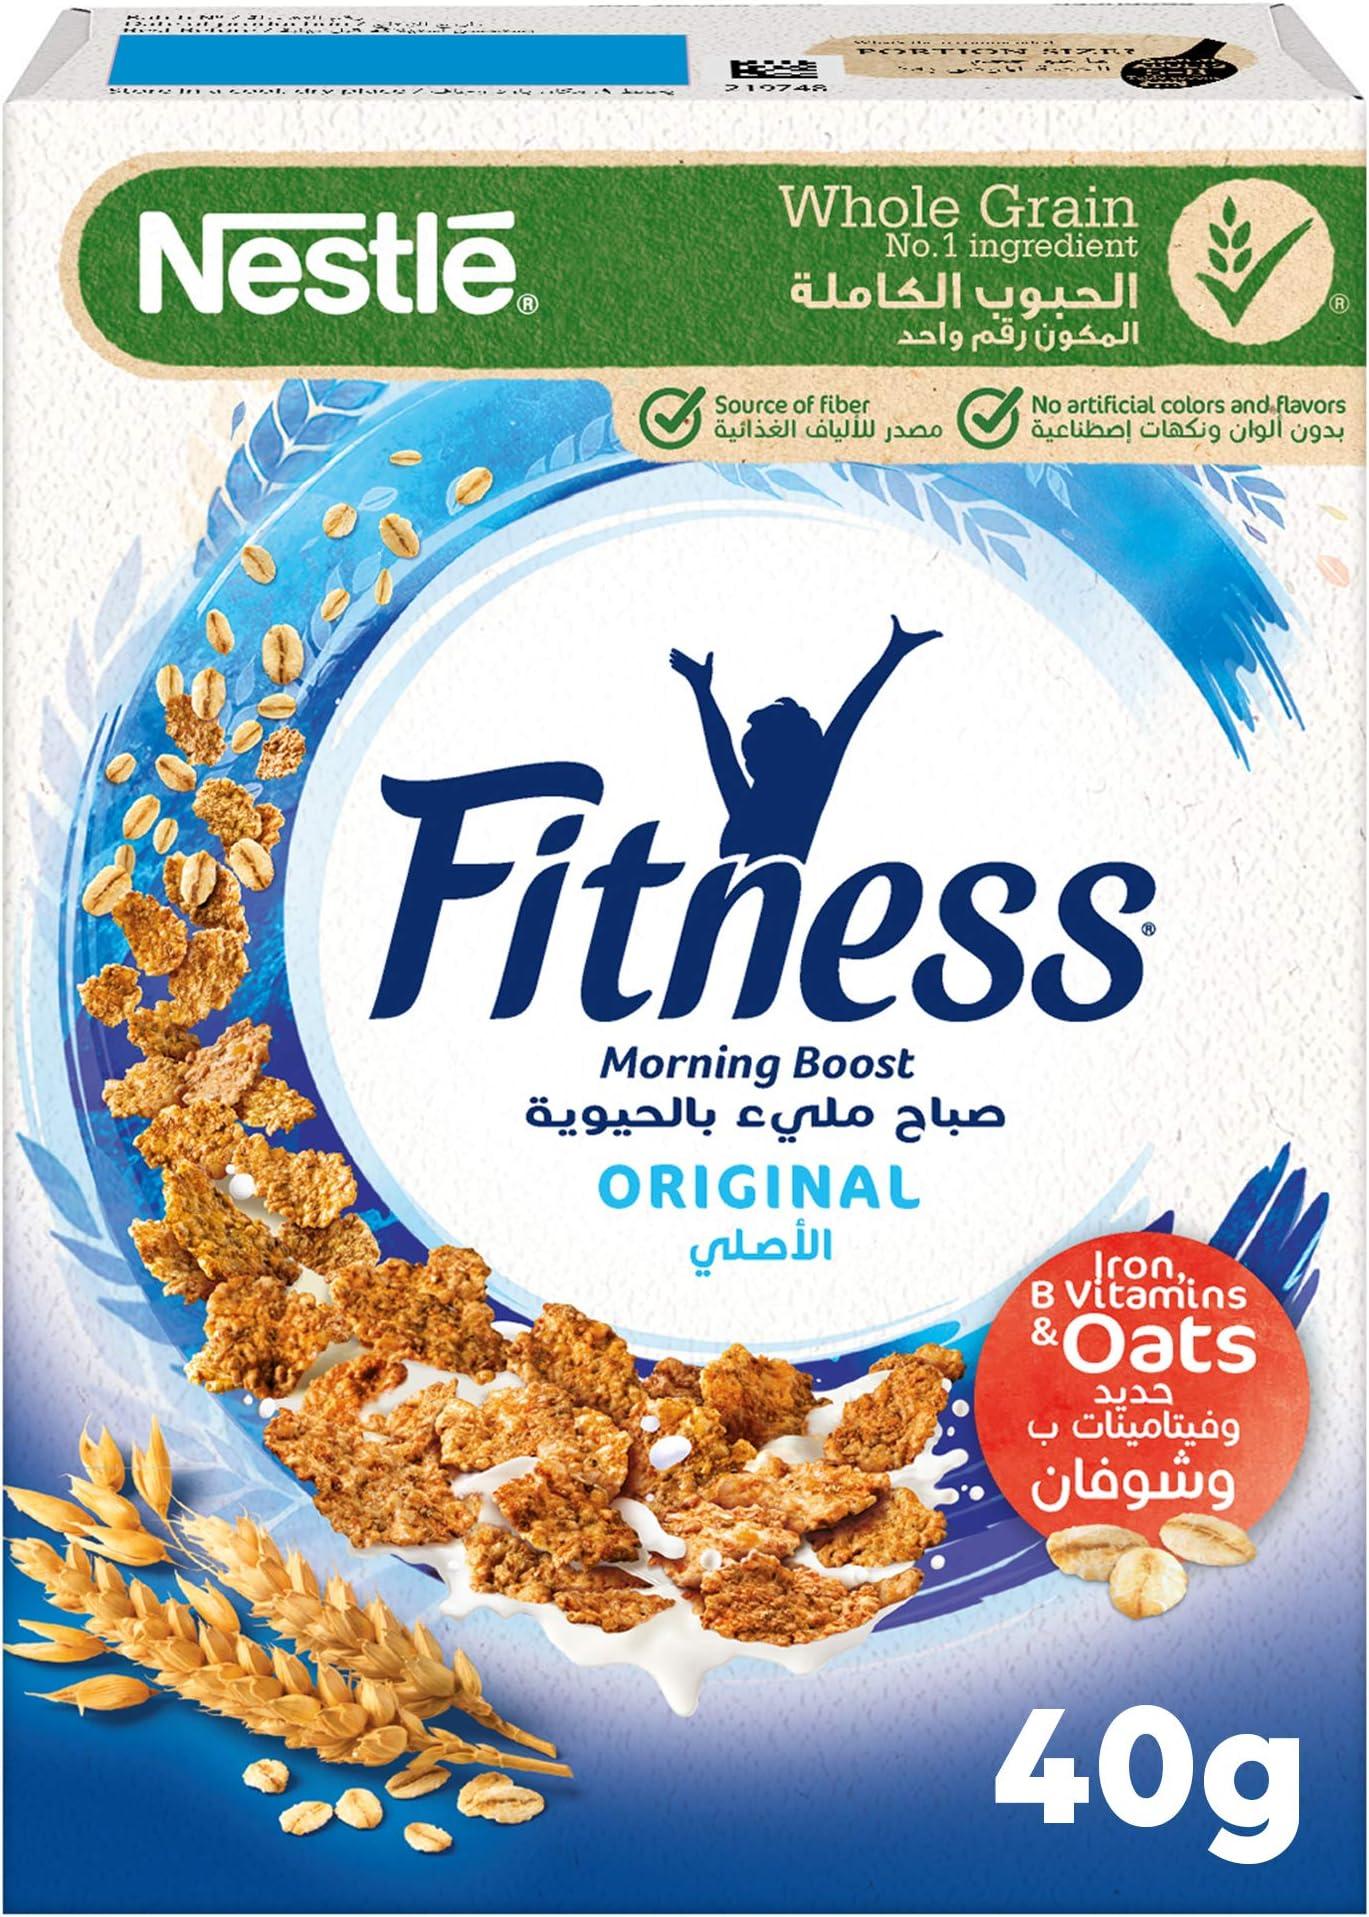 سعر عبوة حبوب الإفطار فيتنيس من نستله 40 غرام فى السعودية بواسطة امازون السعودية كان بكام